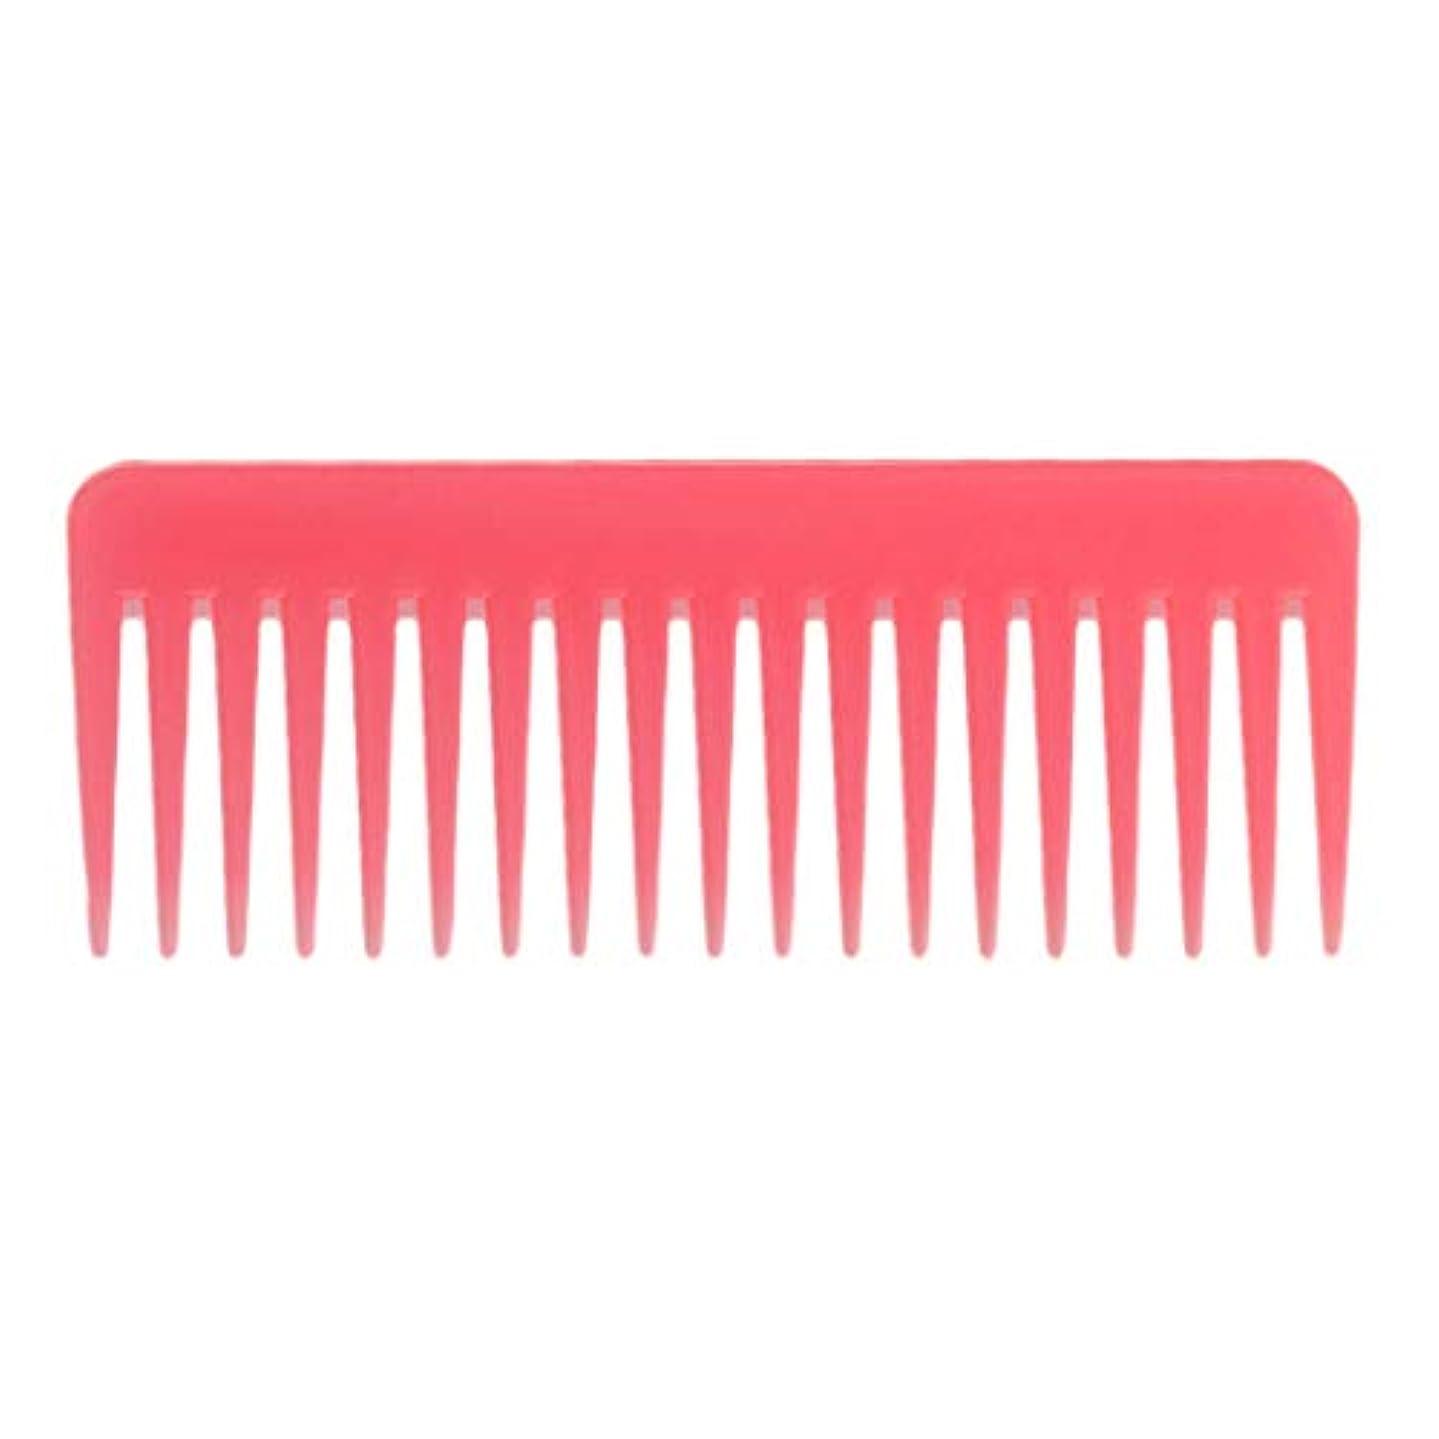 暴露矢印警告する巻き毛の太い髪用の広い歯のもつれのくしサロンシャンプーヘアブラシくし、6.1 ' - ピンク